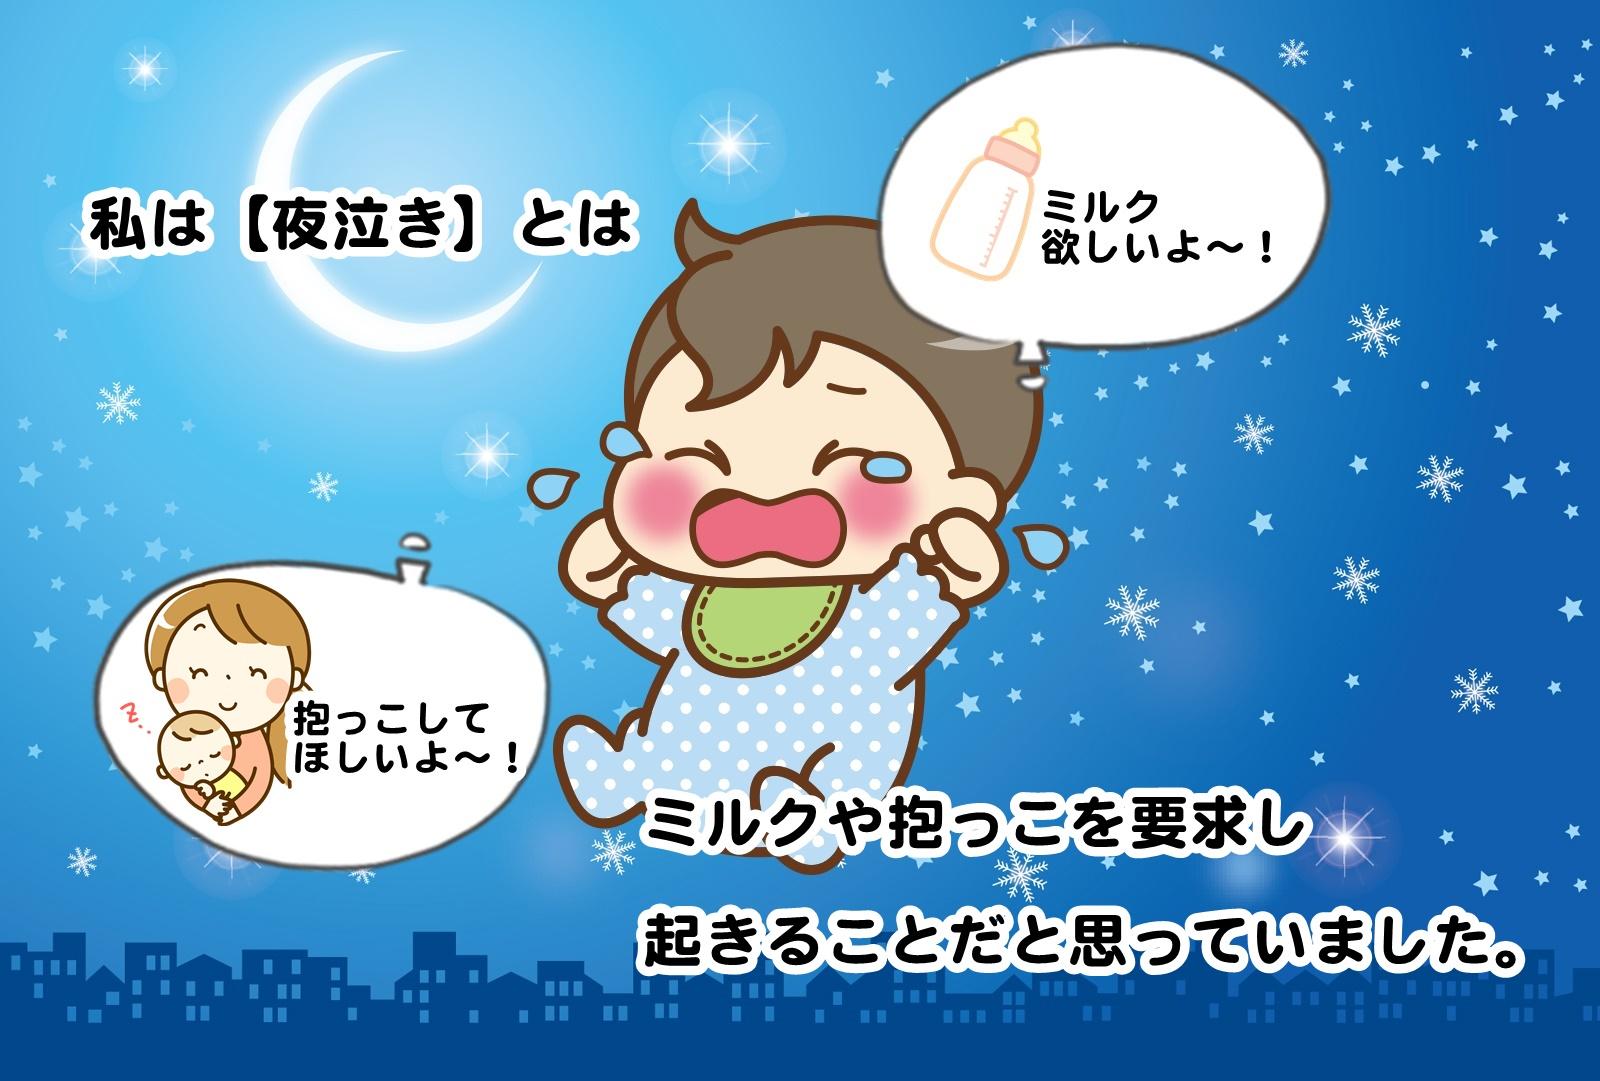 【夜泣き】の勘違い